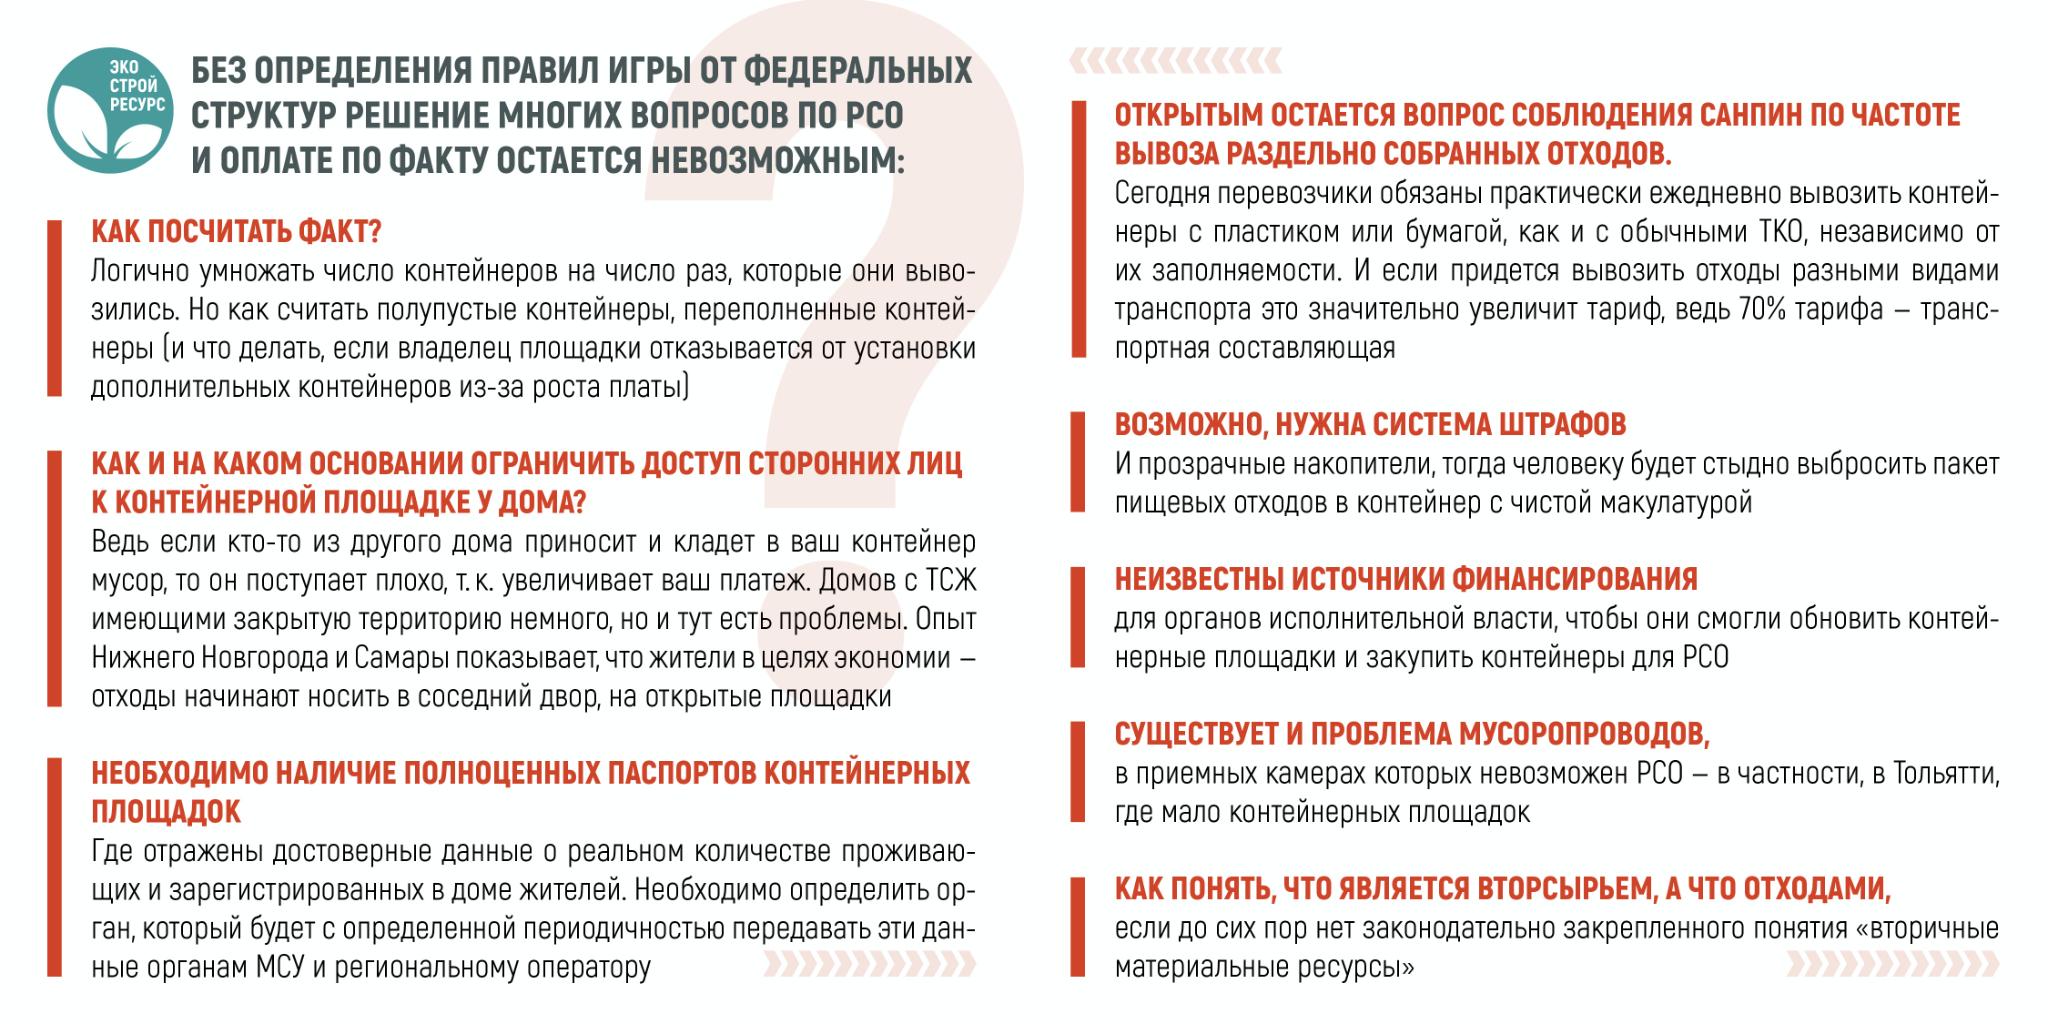 Самарское ТСЖ Московское шоссе 298а в 4 раза сократило плату за отходы, подбрасывая мусор к соседнему дому